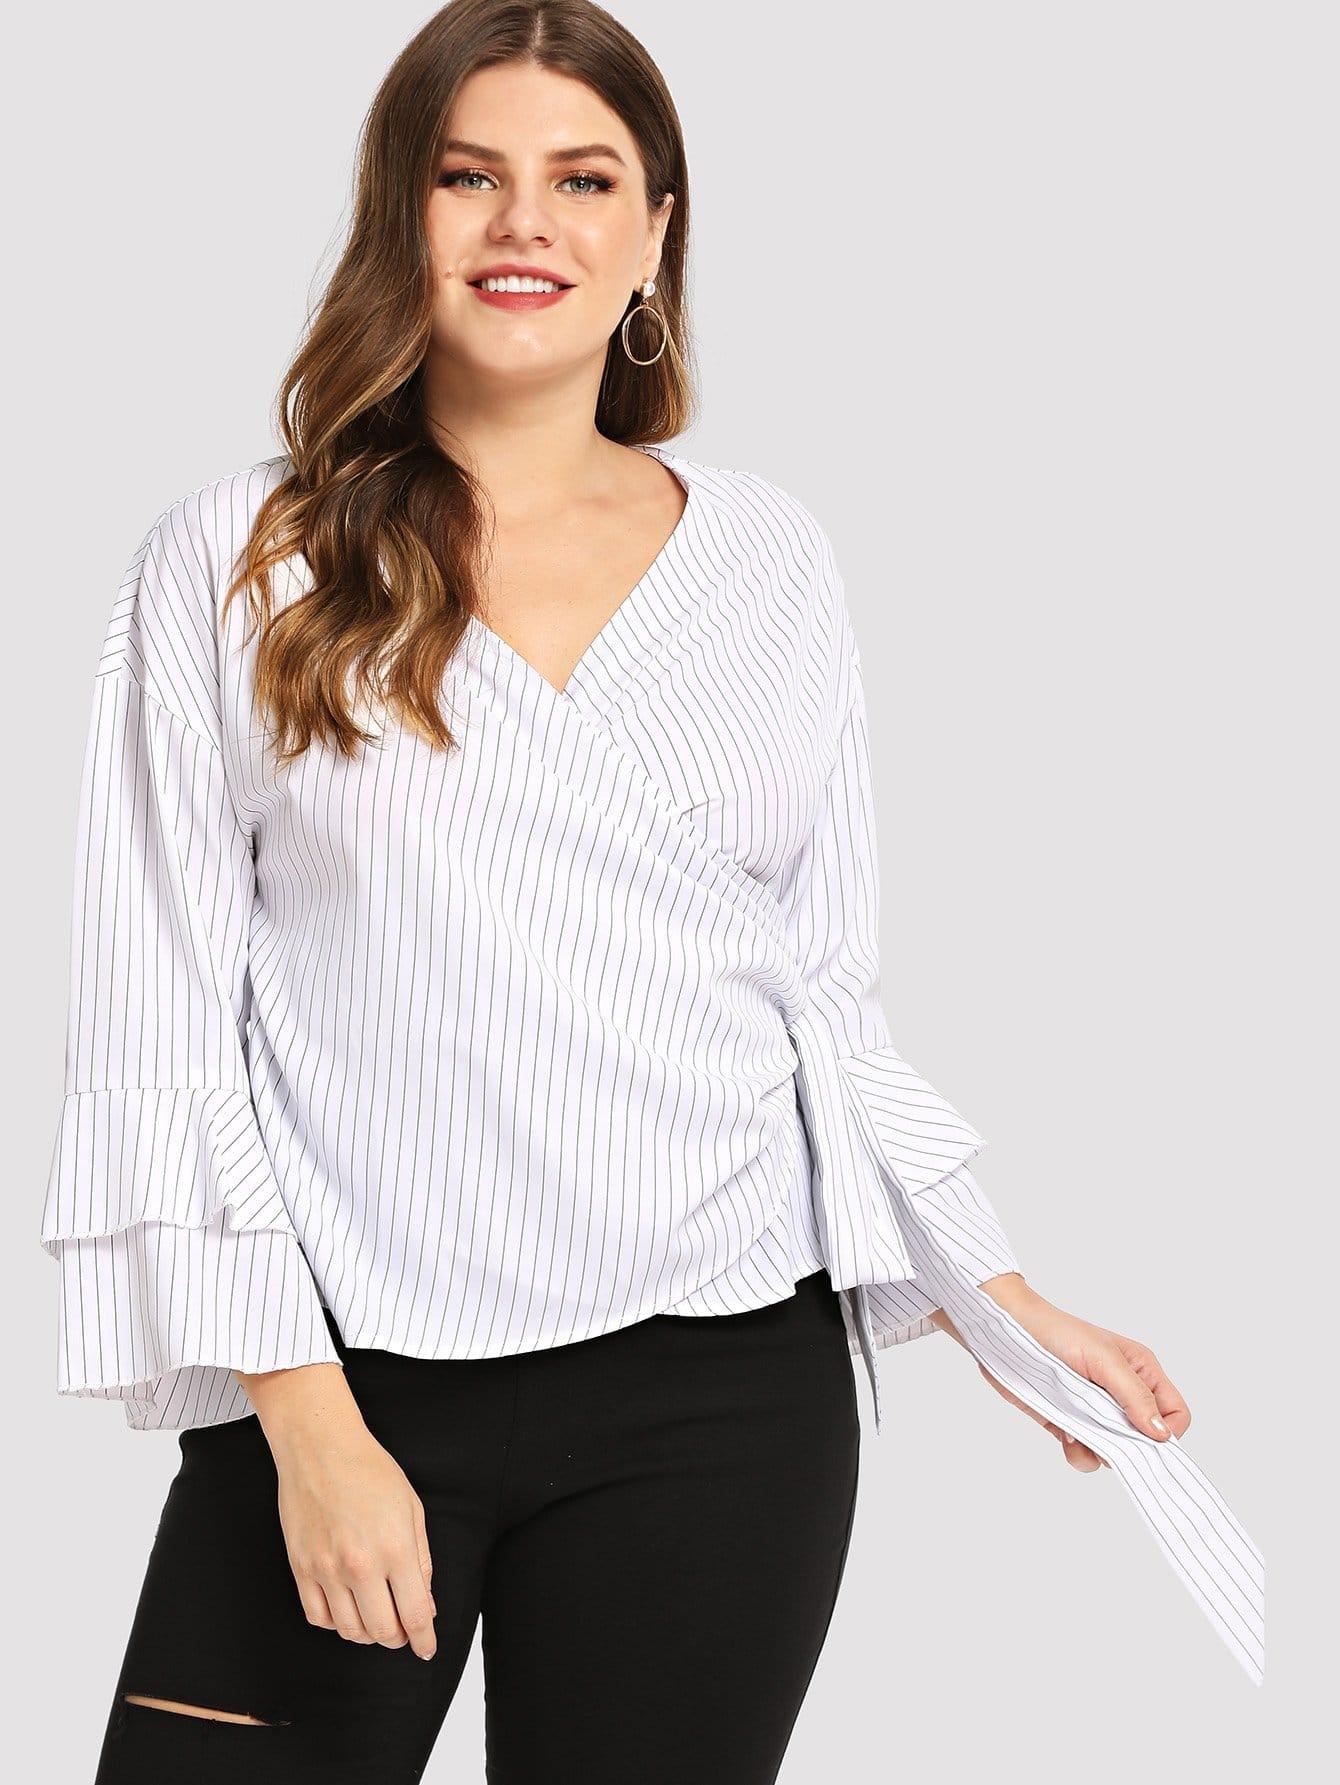 Купить Тонкая-полосатая блуза с накрахмаленными отверстиями рукава, Isabela, SheIn